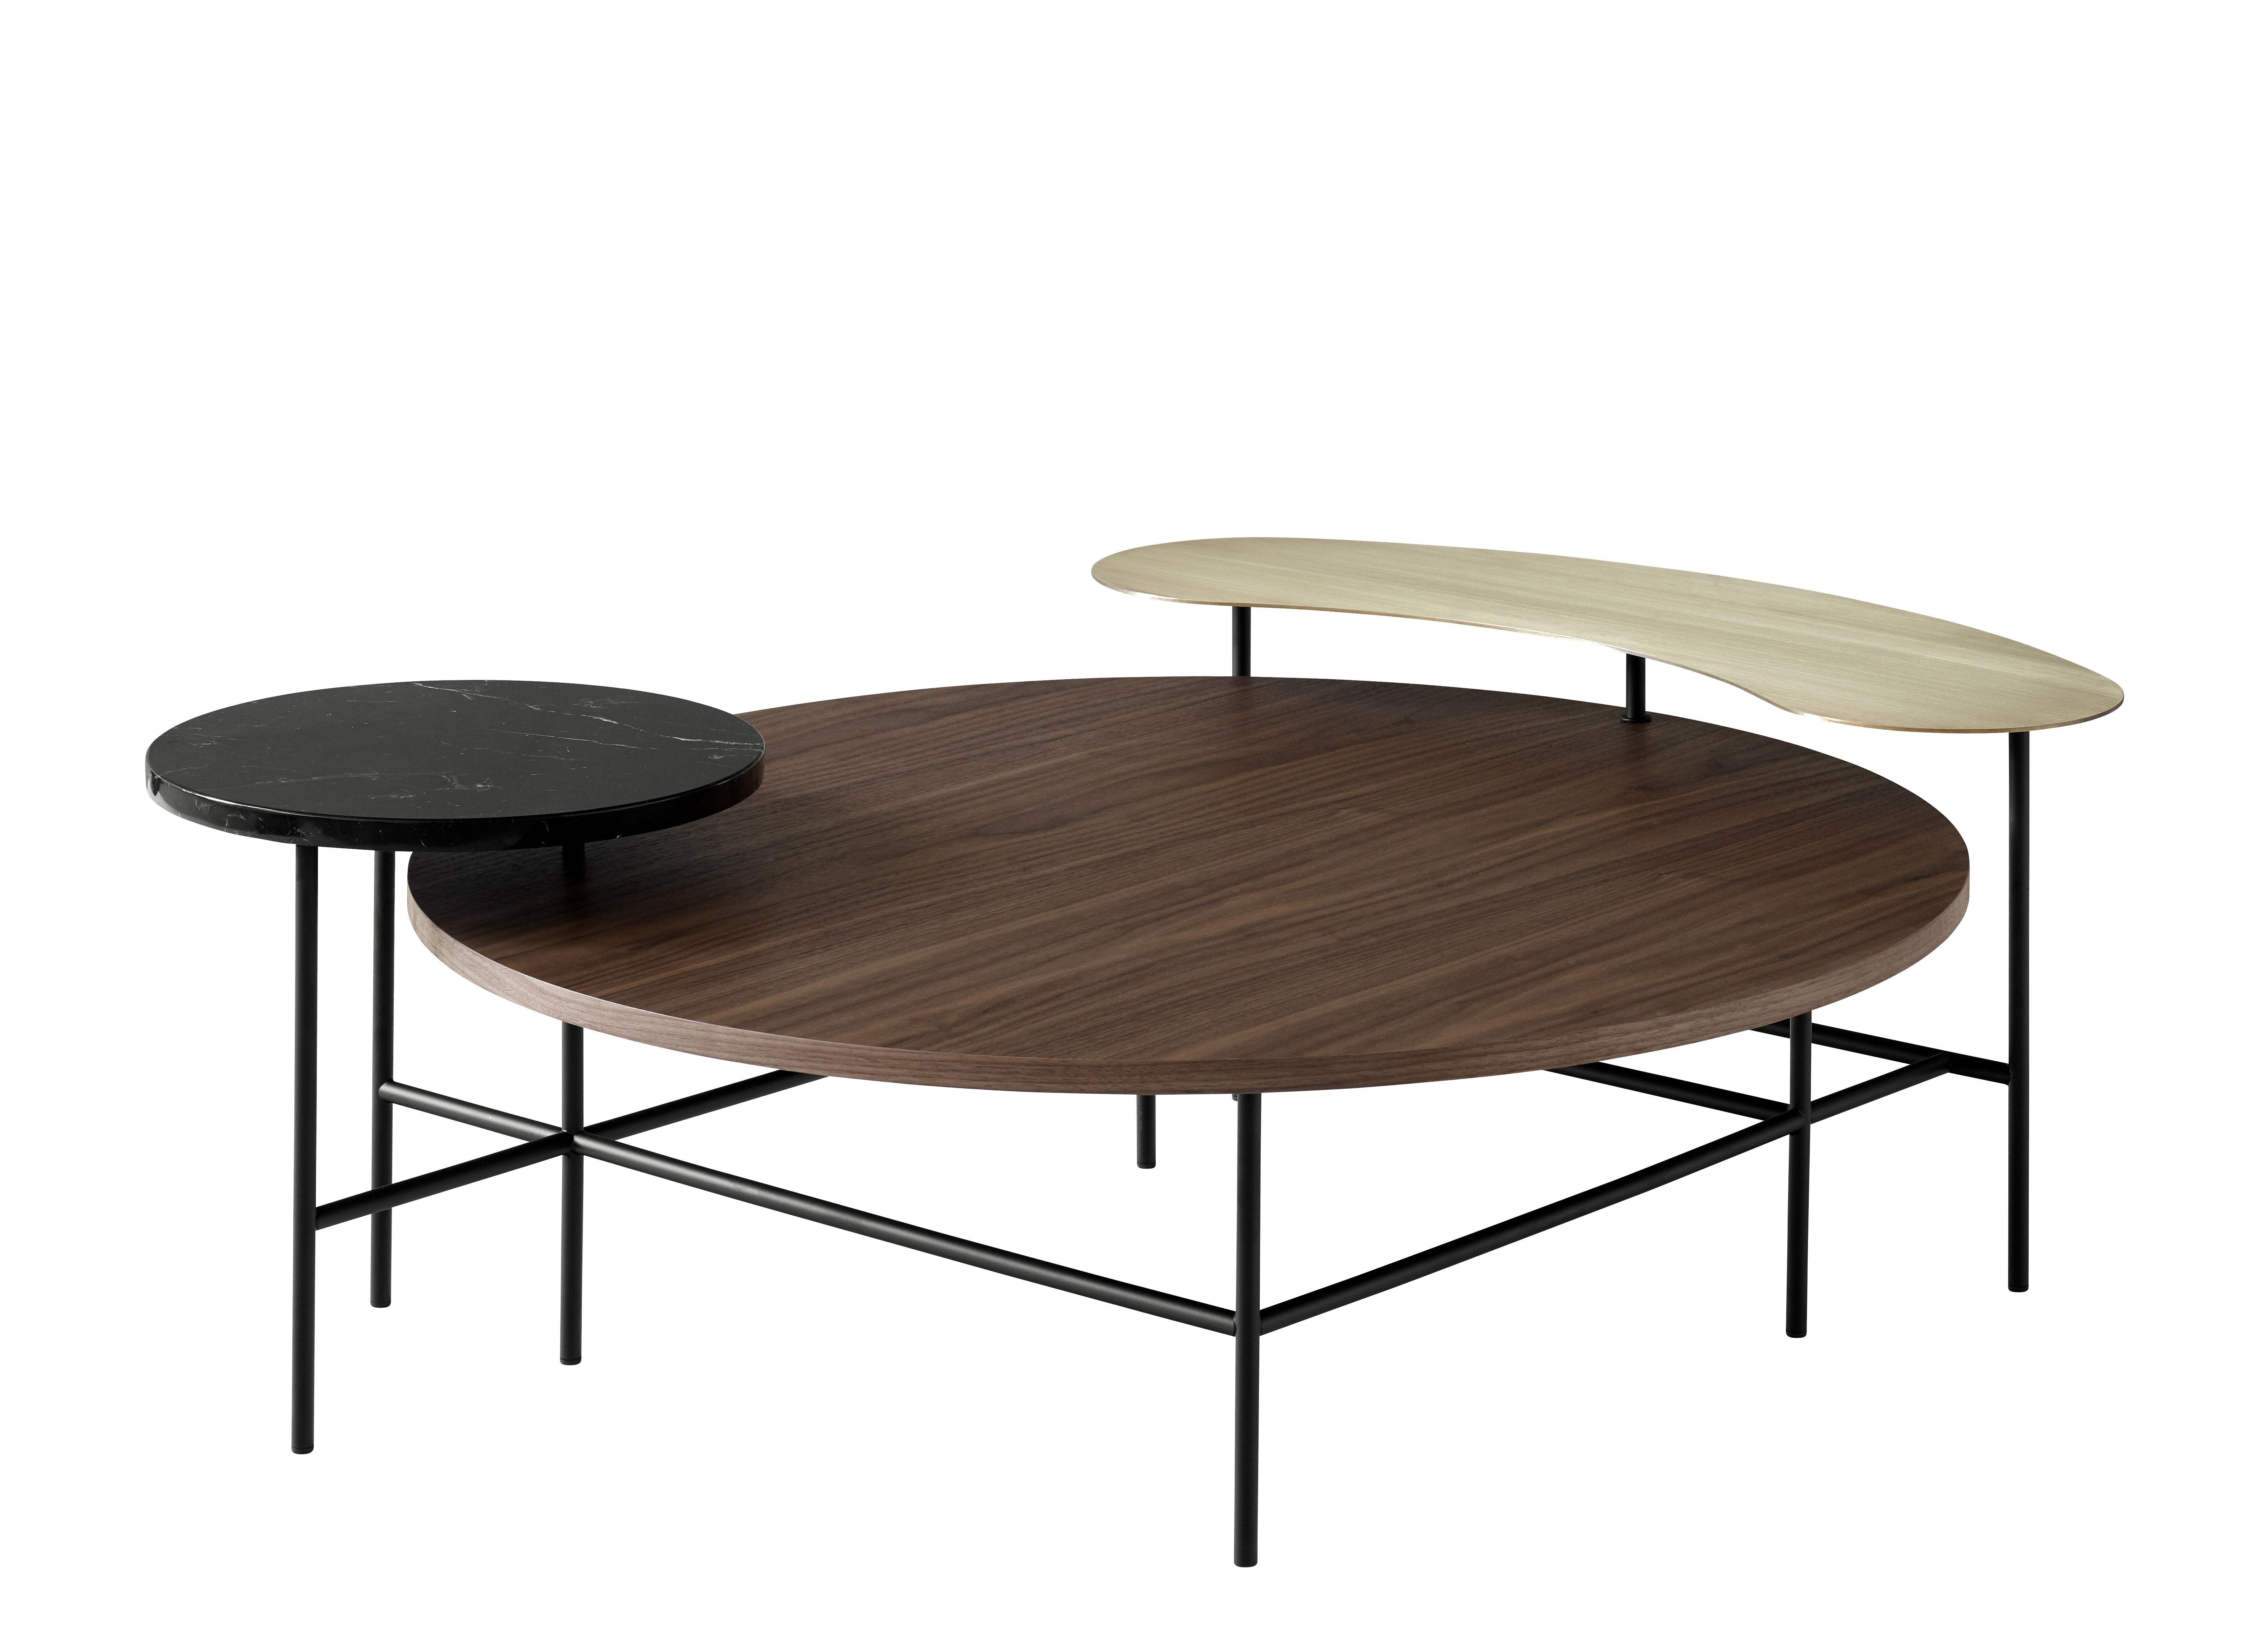 Mobilier - Tables basses - Table basse Palette JH25 / 3 plateaux - &tradition - Noir / Laiton / Bois naturel - Acier laqué époxy, Laiton, Marbre, Noyer